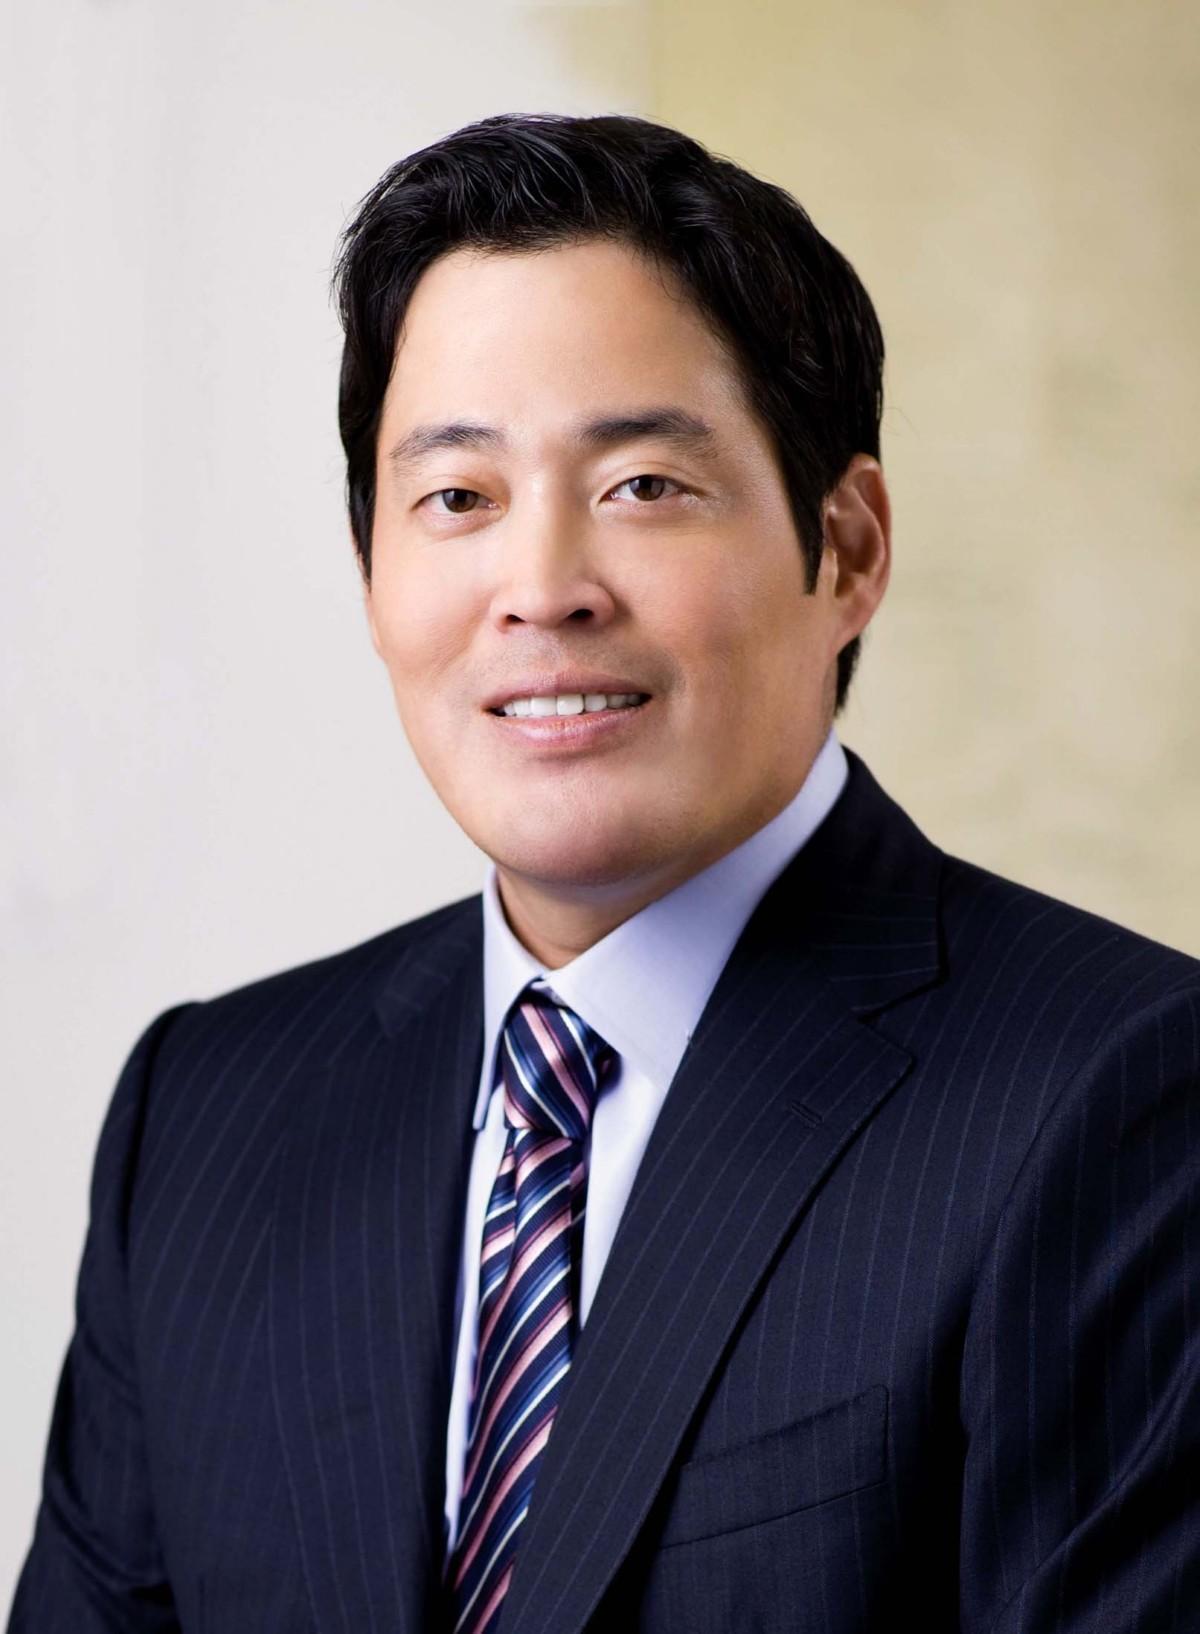 신세계그룹, 28일 협력사와 상생 채용박람회 개최